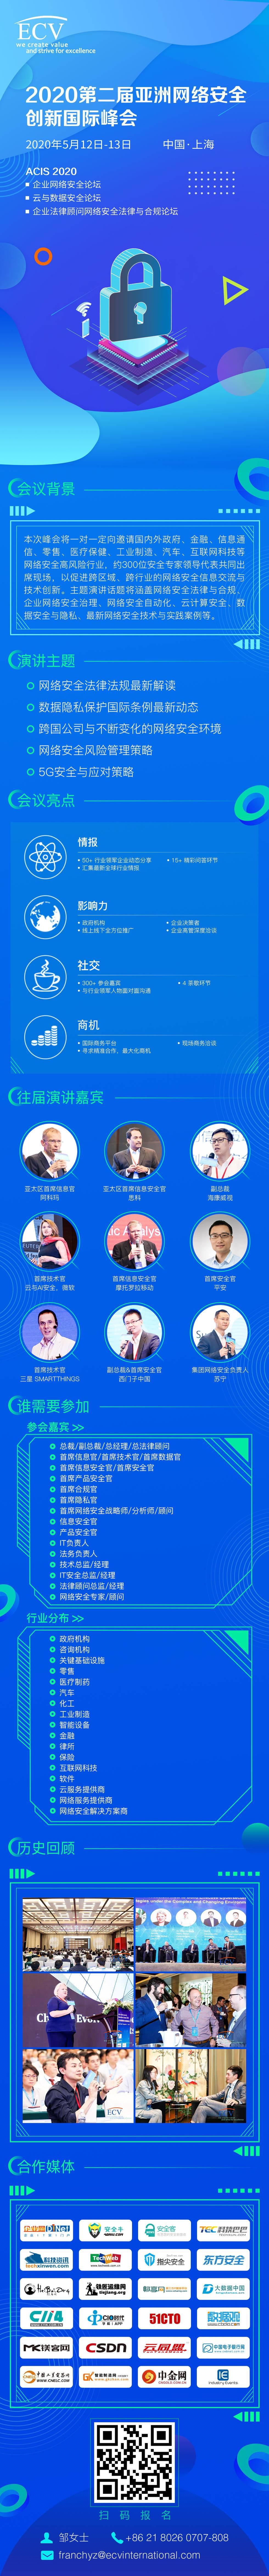 网络安全单页(中文).jpg